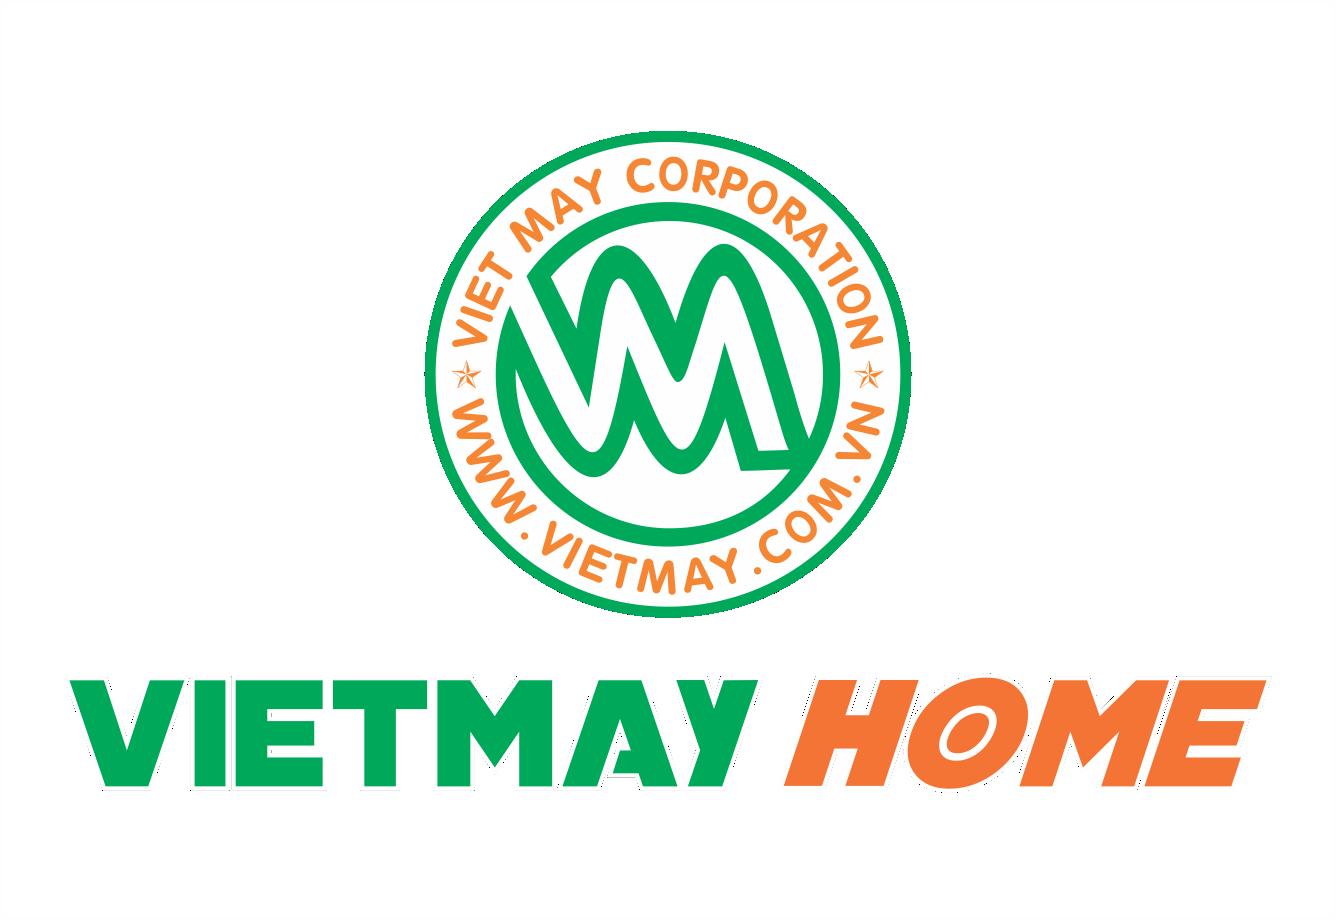 Logo Viet May